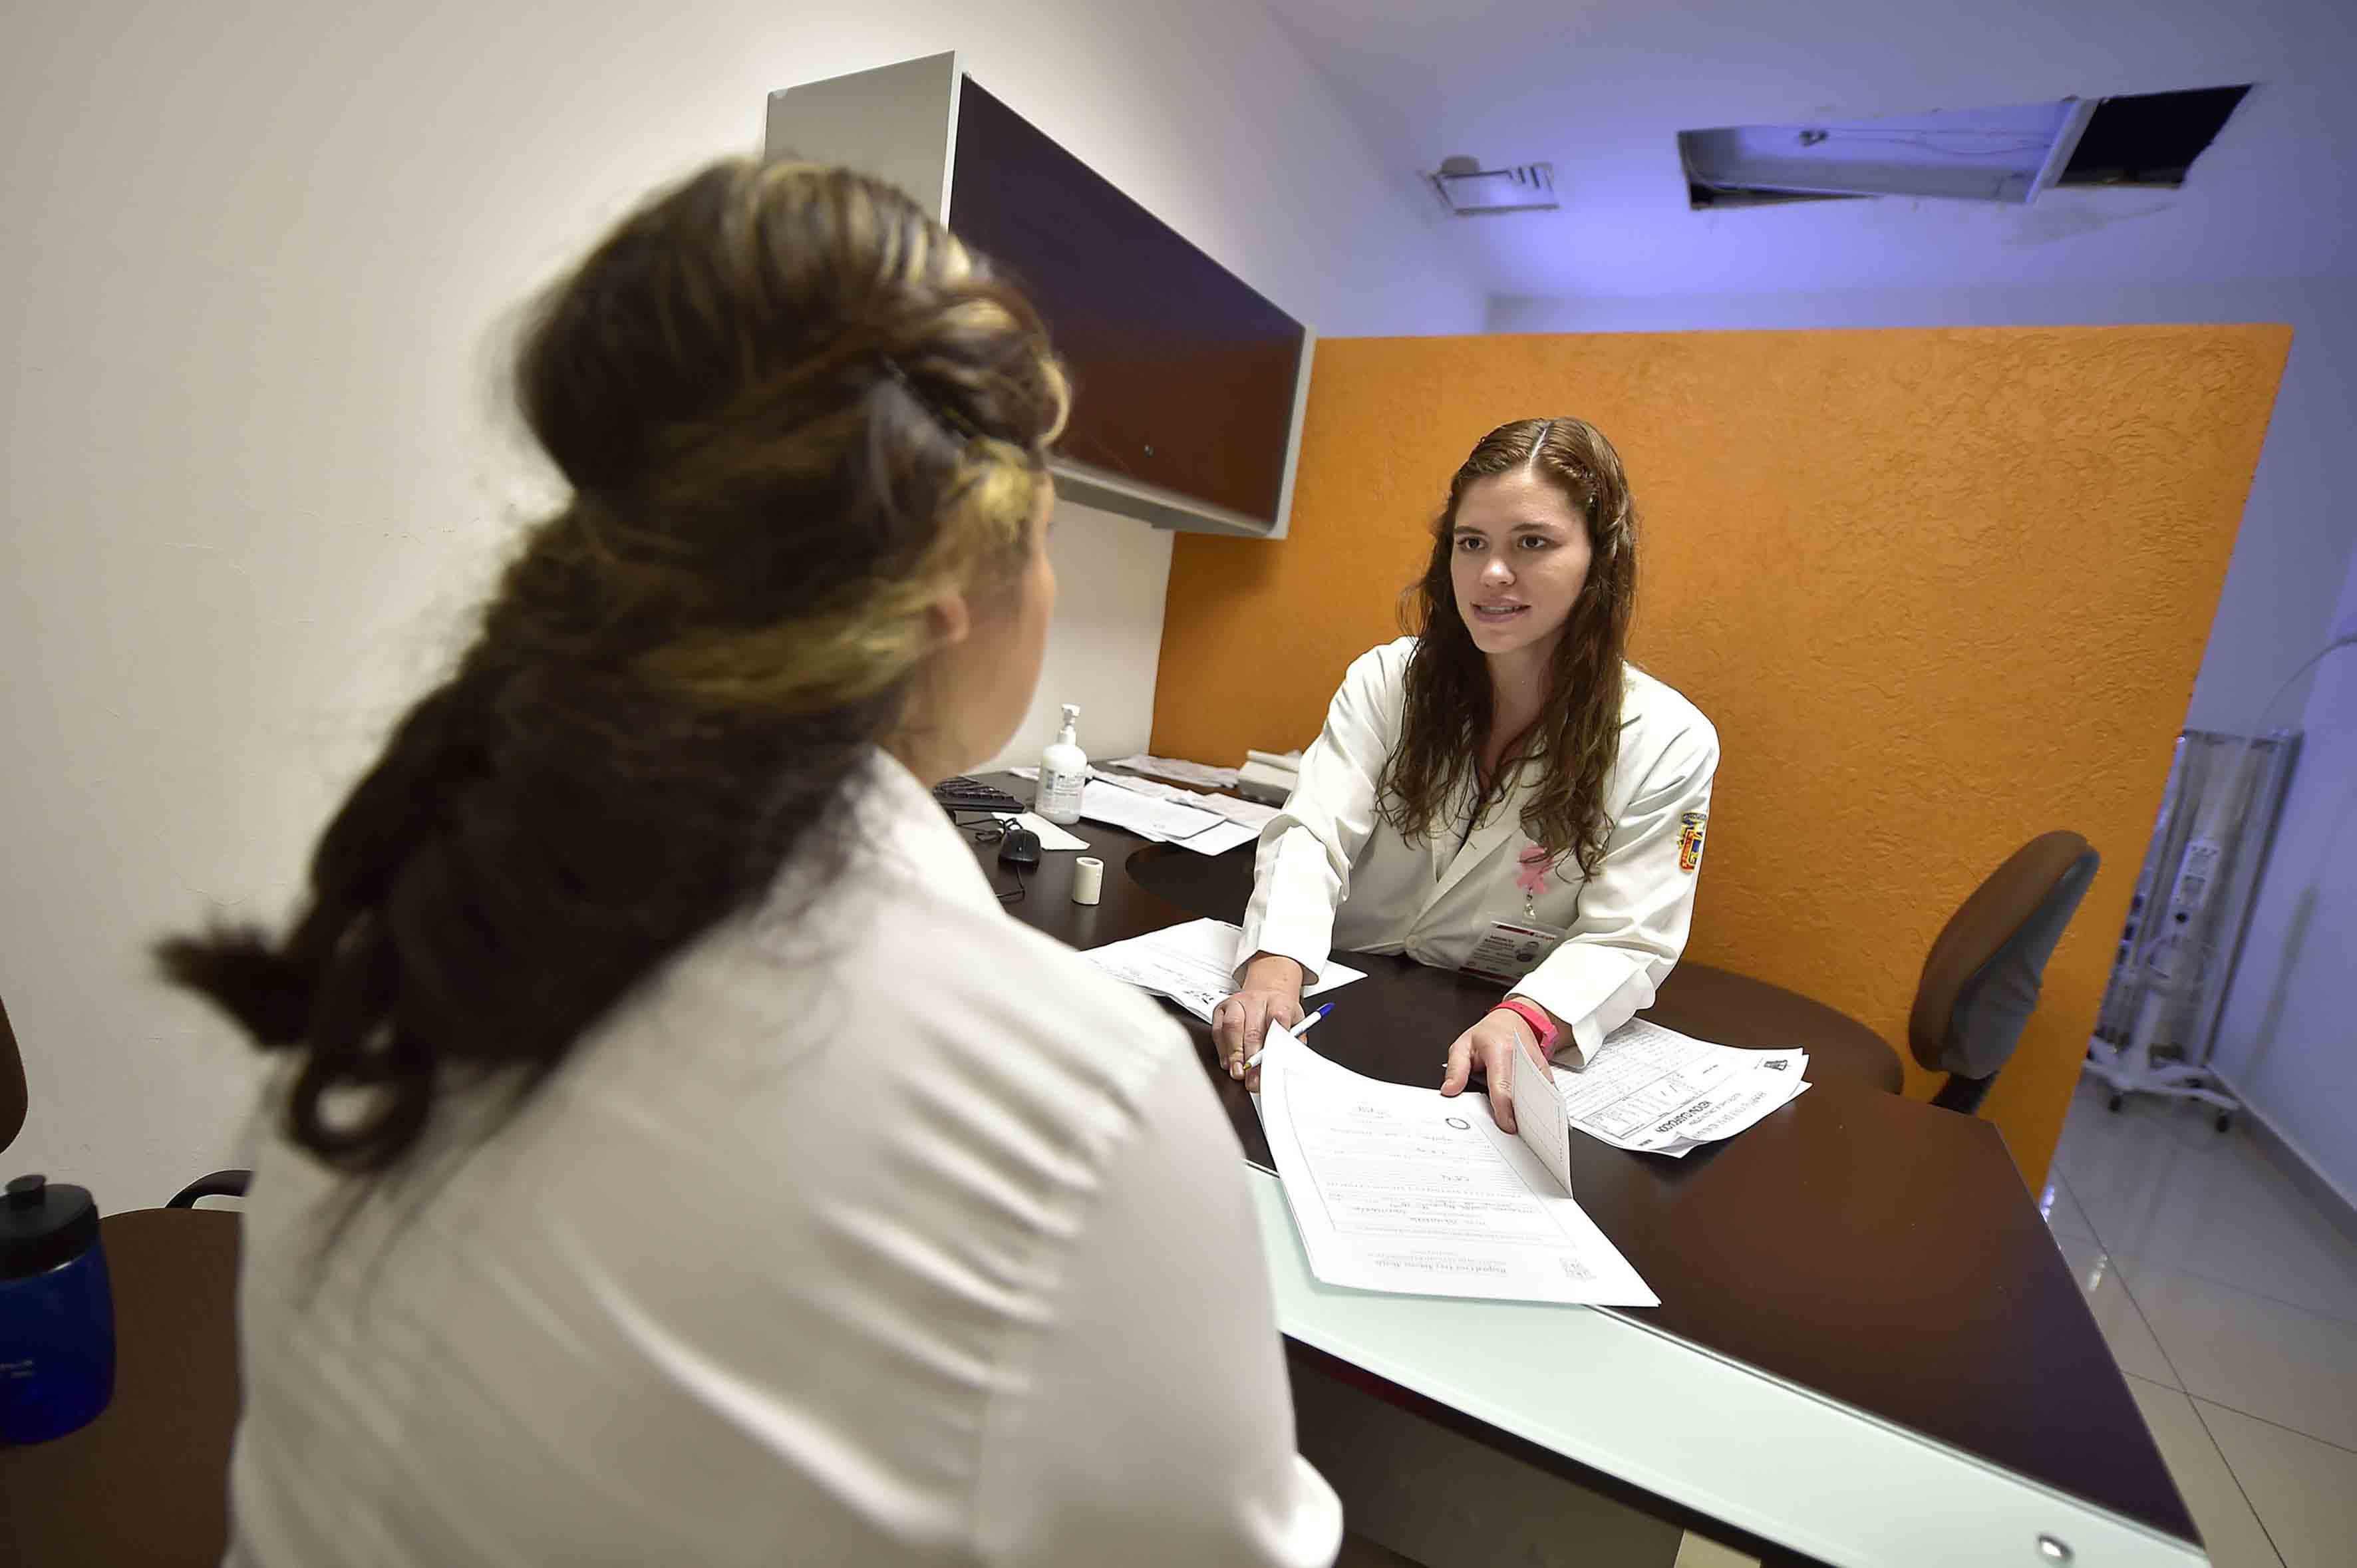 Doctora iniciando cnsulta con encuesta para abrir expediente de la paciente.